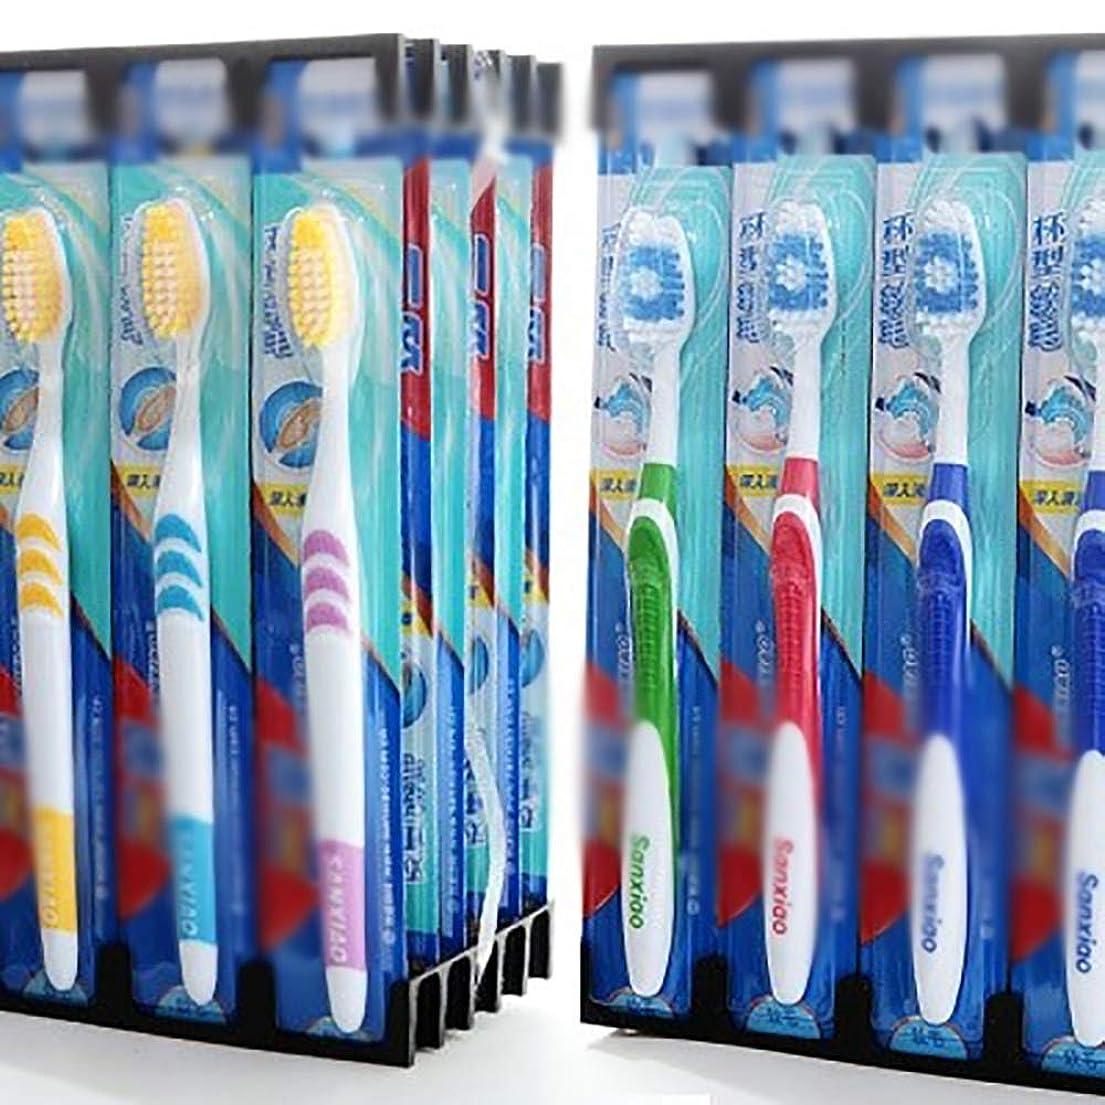 定数良さ統合する歯ブラシ 30本の歯ブラシ、旅行柔らかい歯ブラシ、歯ブラシのバルク極細歯ブラシ - 使用可能なスタイルの3種類 KHL (色 : C, サイズ : 30 packs)